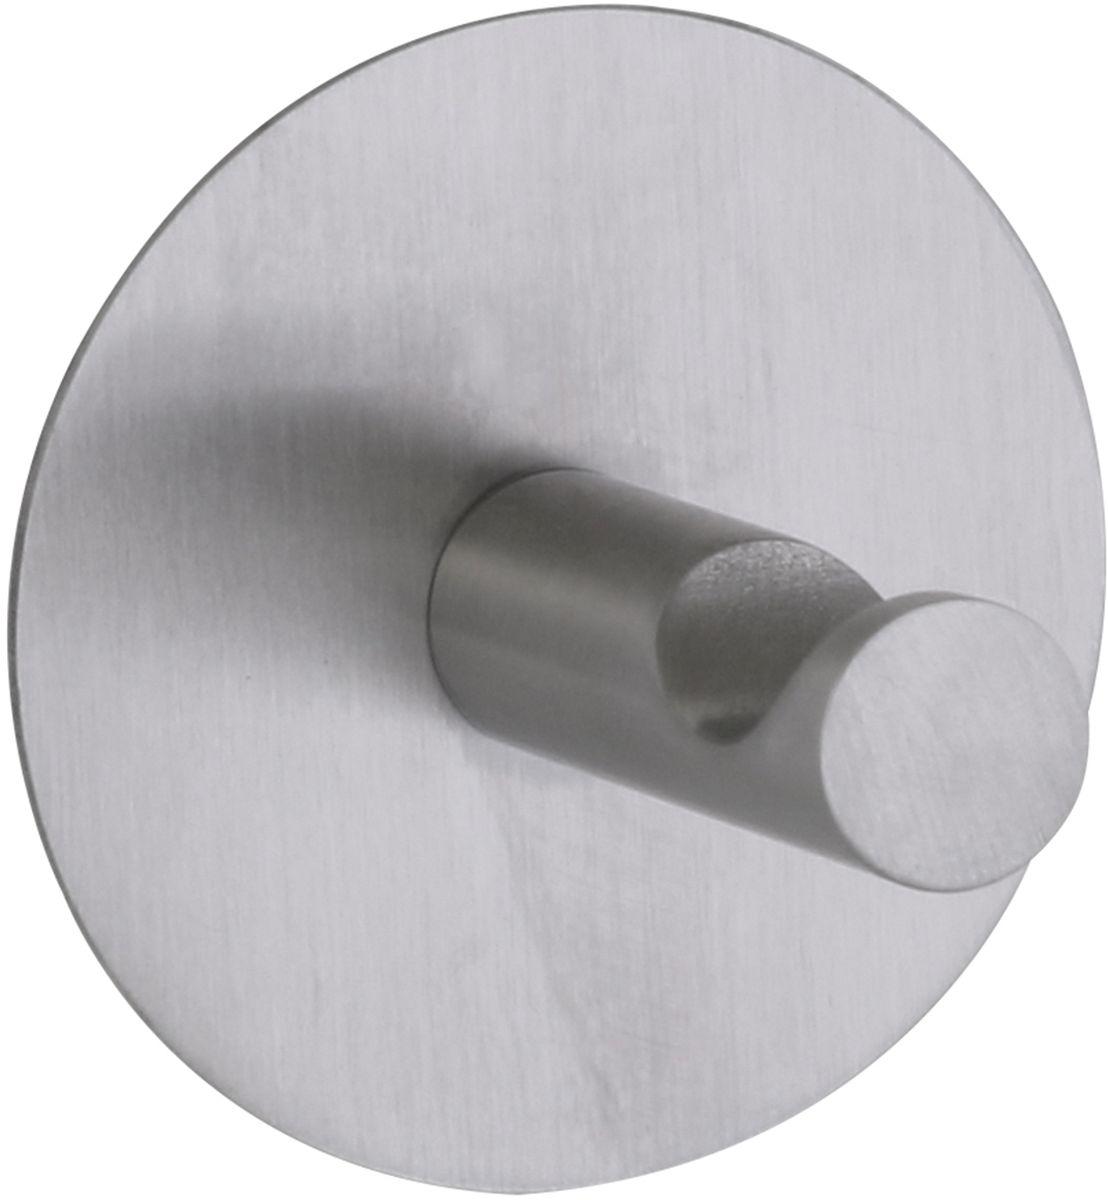 Крючок Axentia, самоклеящийся, цвет: серебристый, 5 х 4 х 1 см122533Крючок Axentia изготовлен из нержавеющей стали, имеет матовую полировку и круглое основание. Надежно крепится к кафельной плитке, стеклу, металлу и другим твердым и ровным поверхностям. Надежность обеспечивается большой площадью контакта с поверхностью диаметром 5 сантиметров. Выдерживает вес 2 кг. Не подойдет для крашеных стен и на бумажные обои.Размеры: 3,8 х 5 х 5 см.